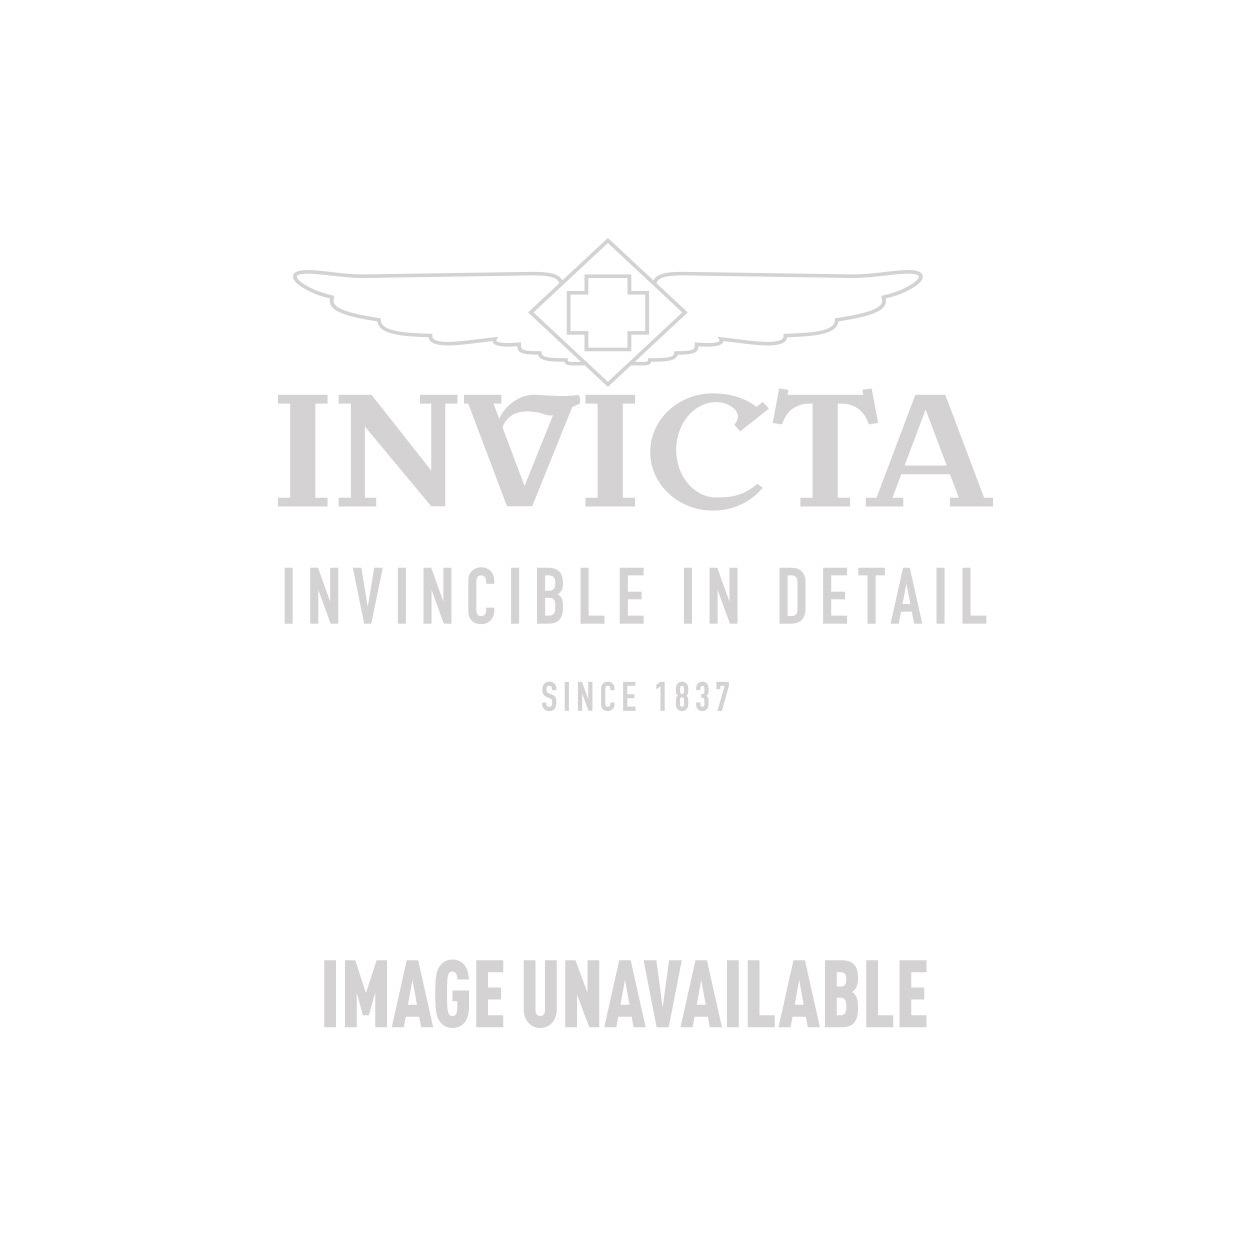 Invicta Model 27765